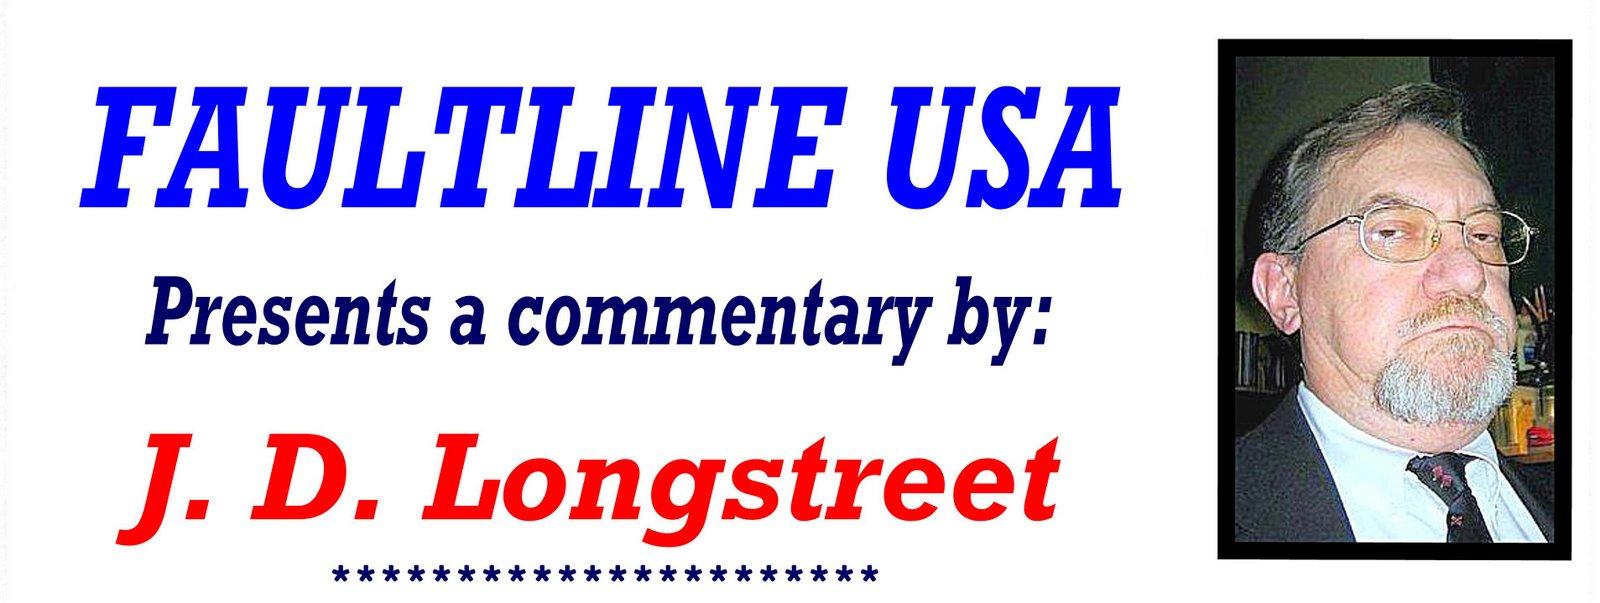 [Faultline+USA+]